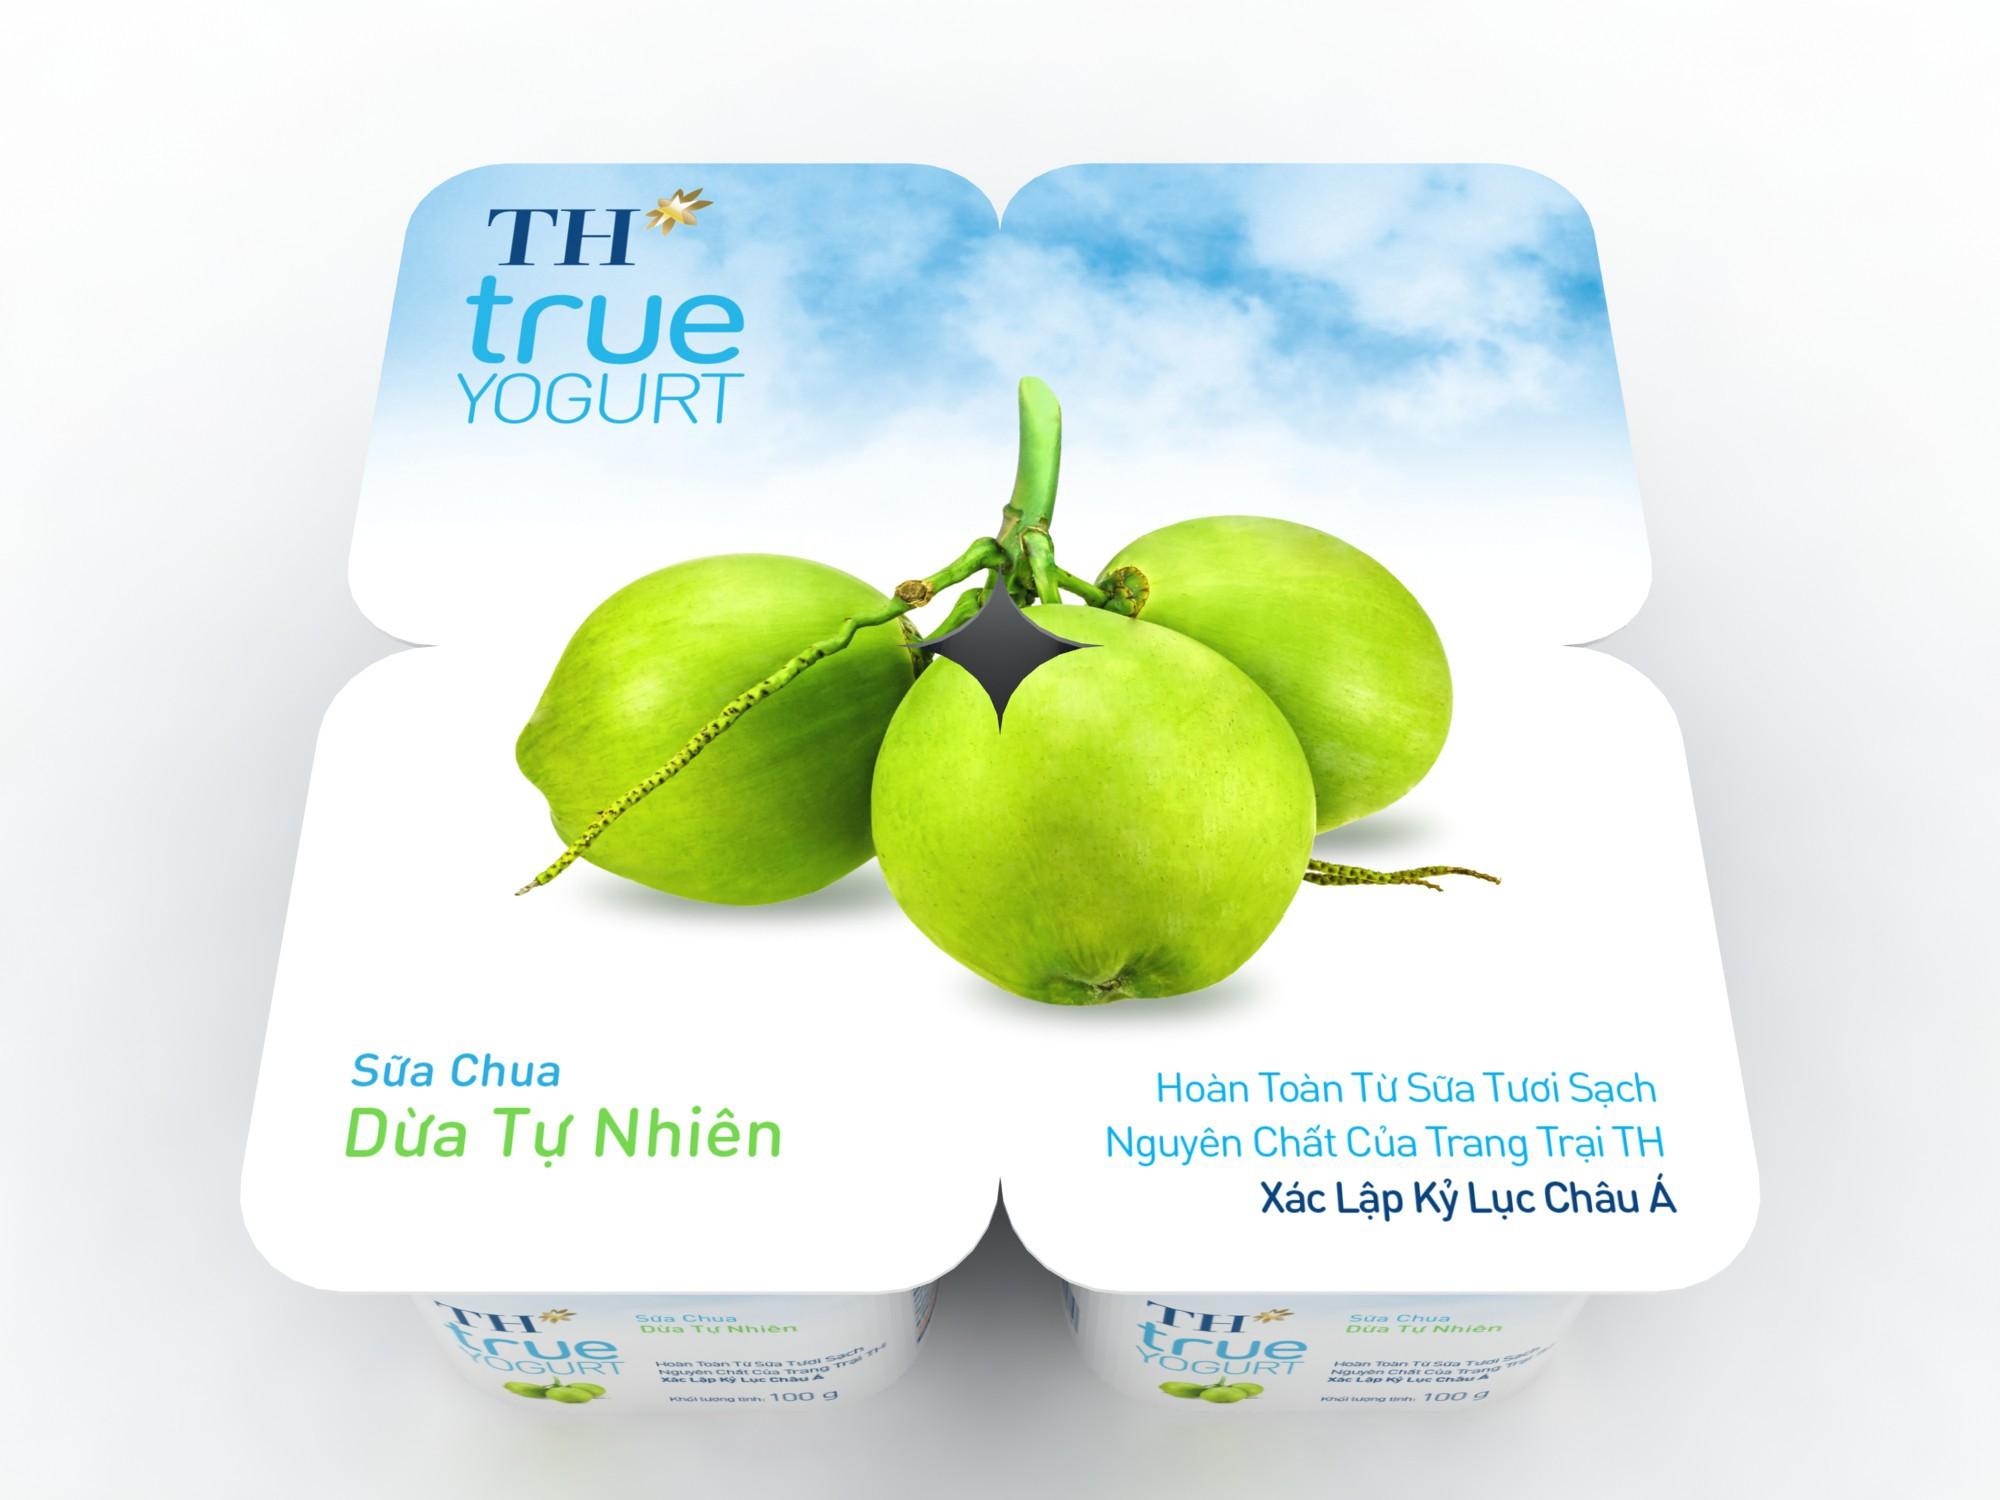 Sữa chua Dừa của Việt Nam có gì đặc biệt mà đoạt cúp Vàng thế giới cho sản phẩm xuất sắc 2019? - Ảnh 2.